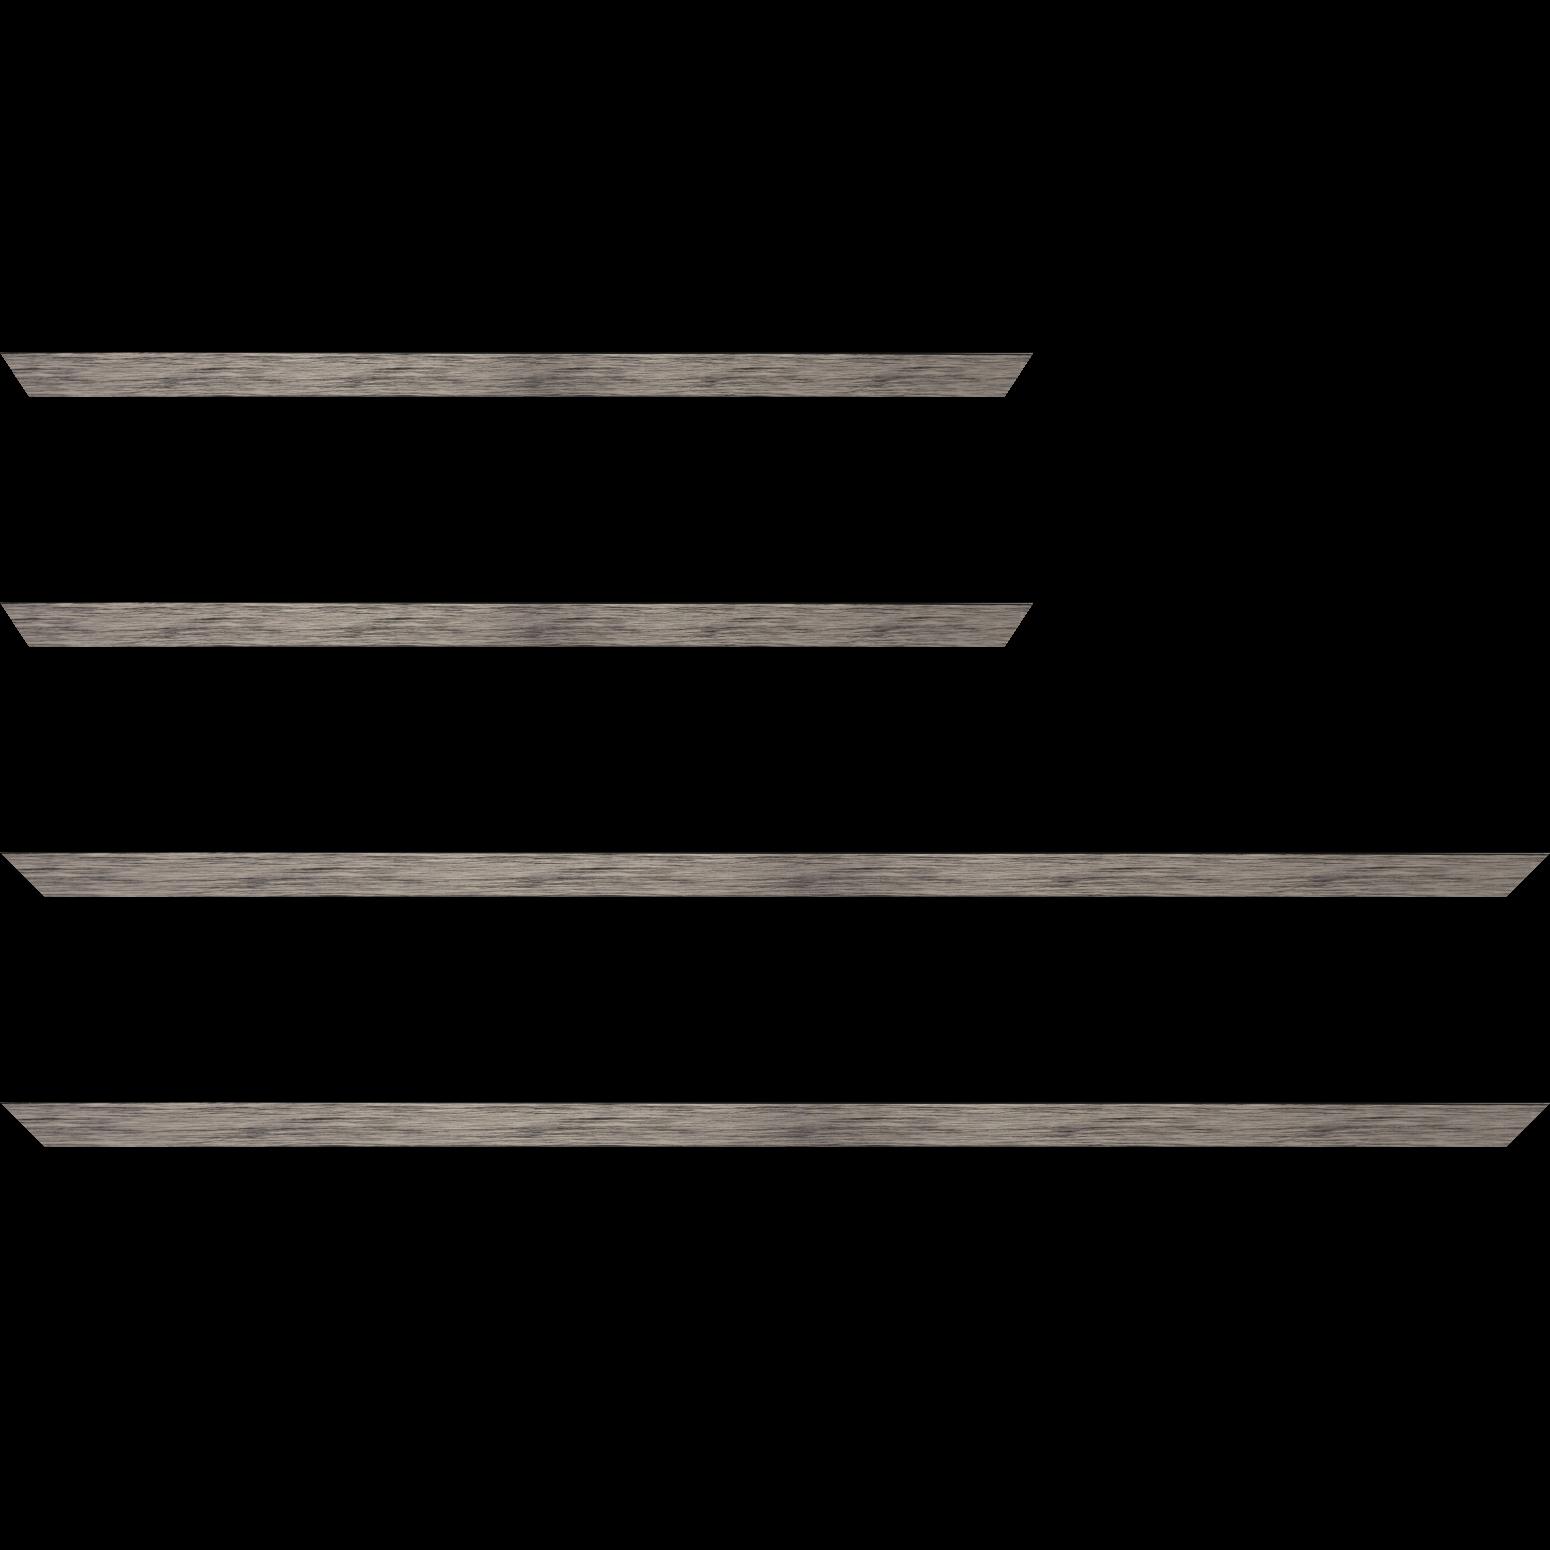 Baguette bois profil plat largeur 1.5cm couleur plomb